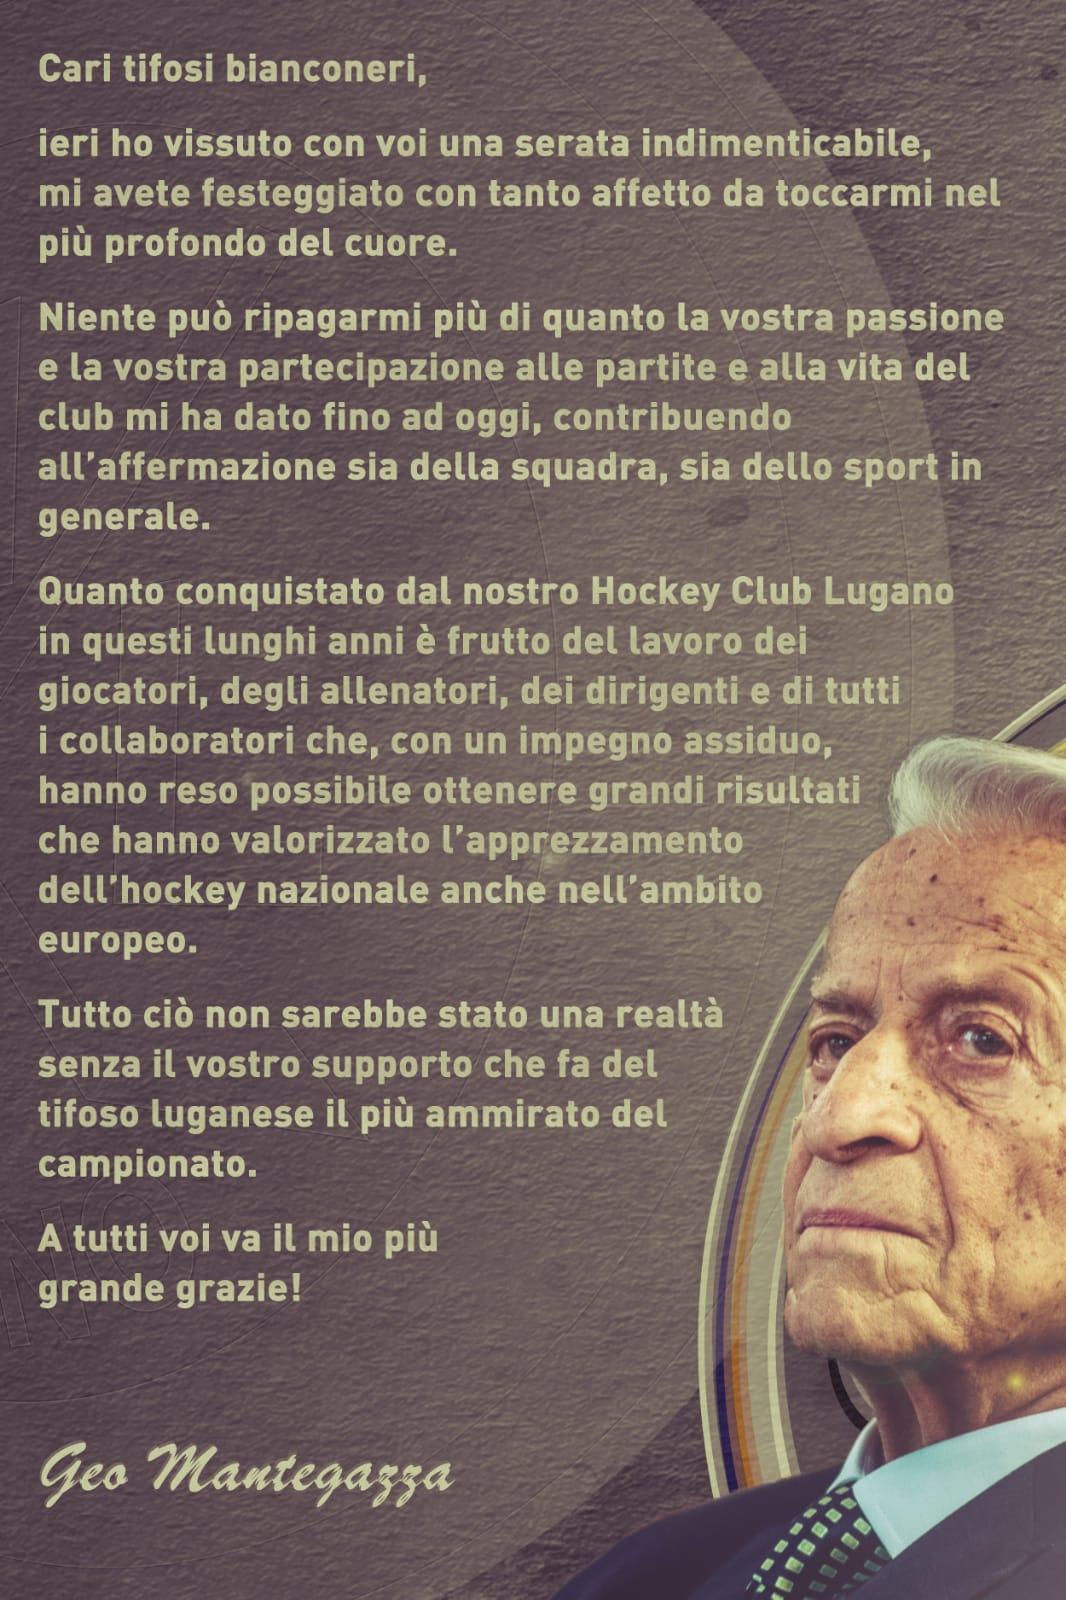 Geo Mantegazza 90 anni